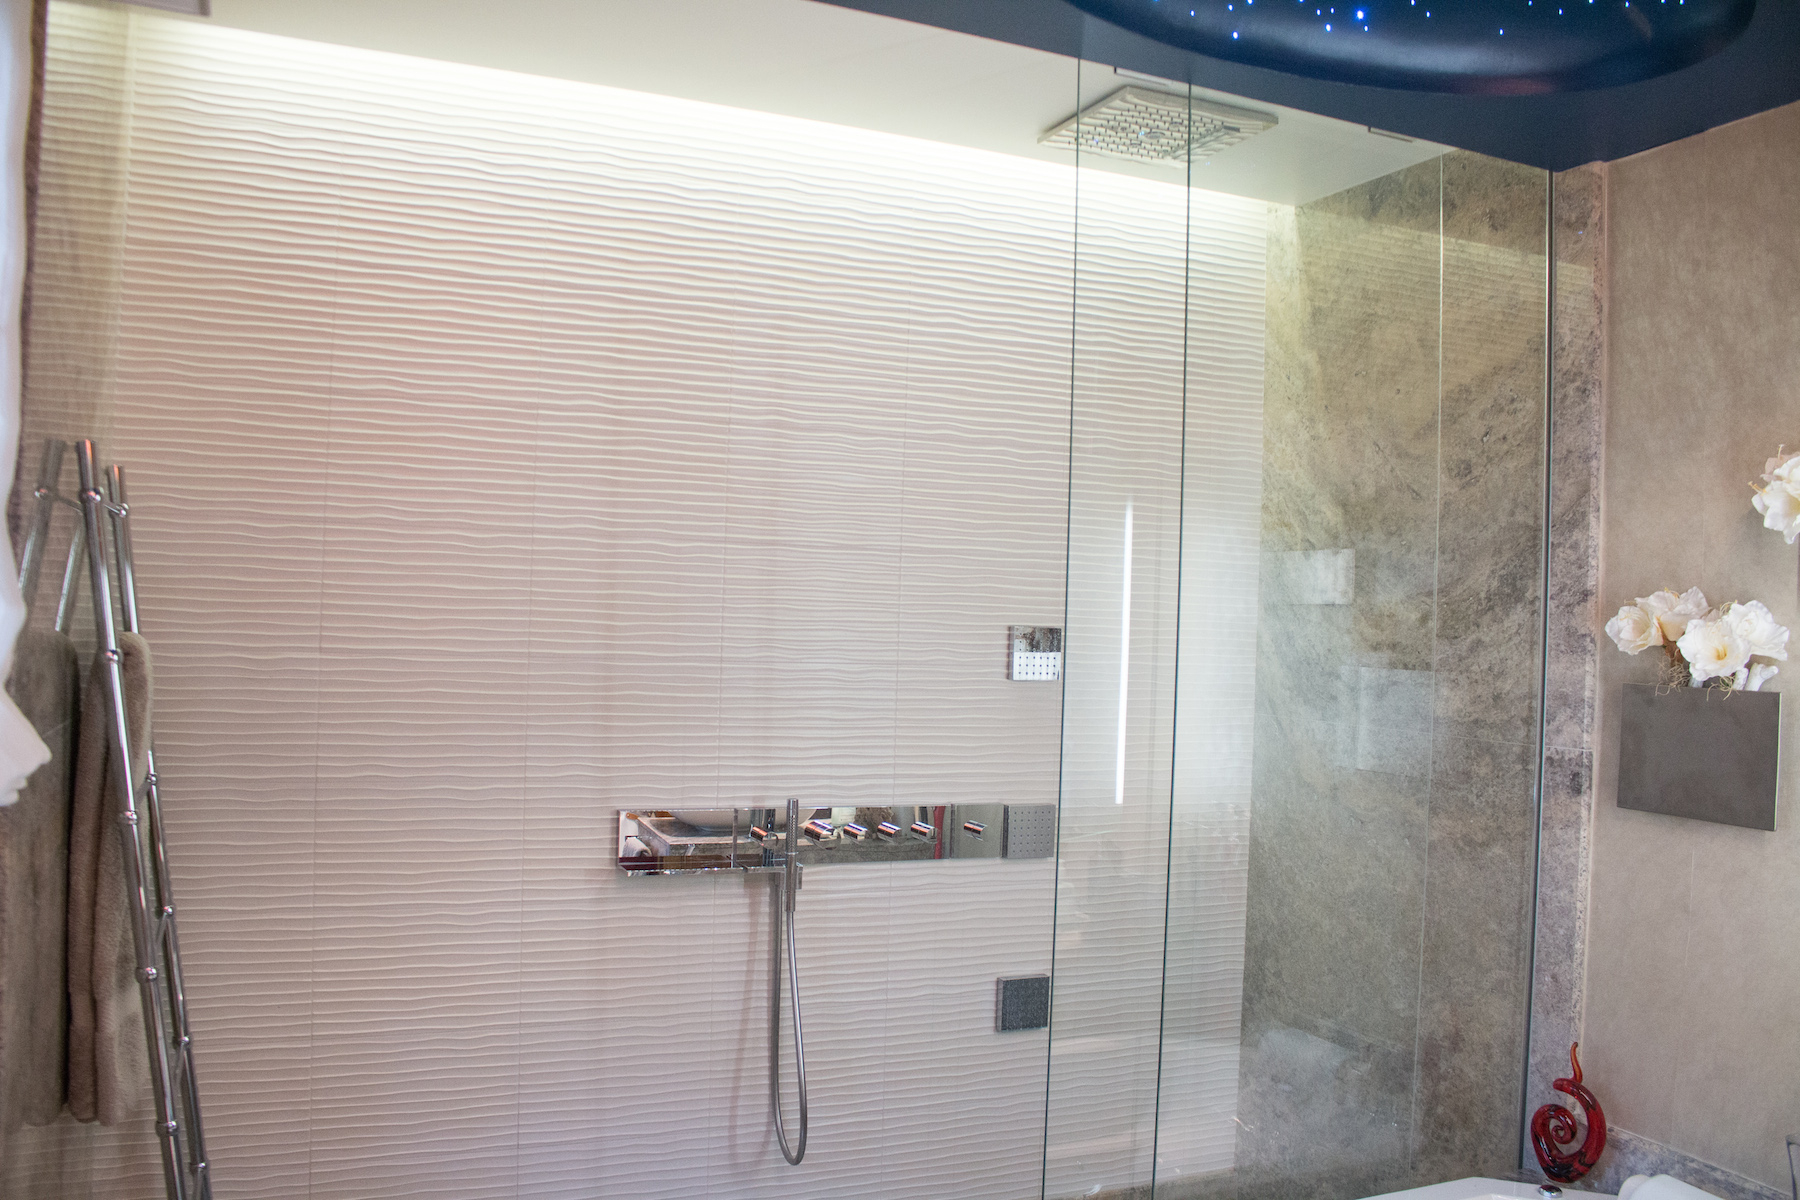 Salle de bain sanitaire haguenau chauffage haguenau berbach for Sanitaire salle de bain